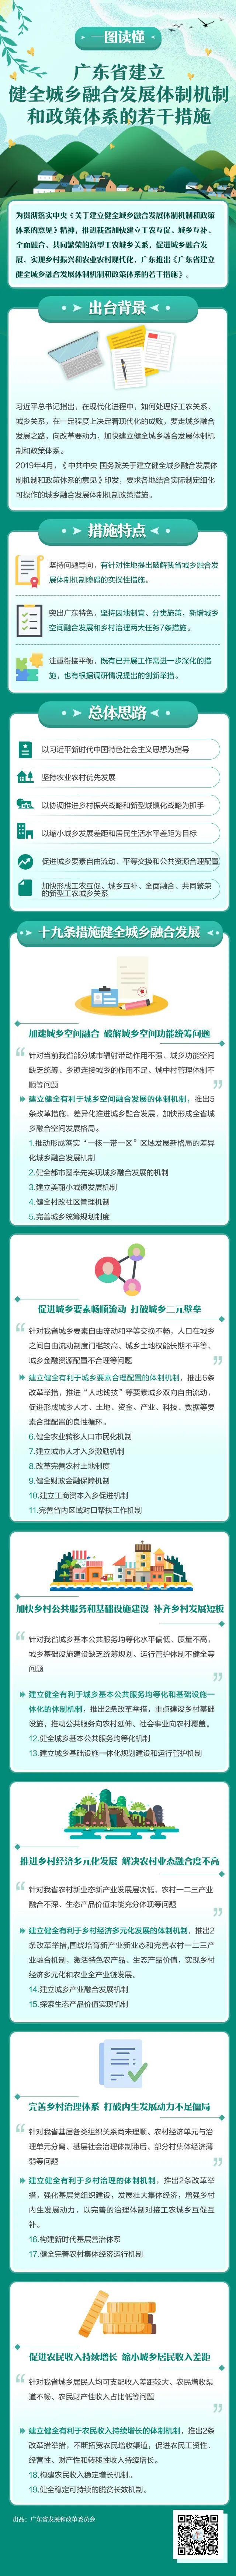 一图读懂:《广东省建立健全城乡融合发展体制机制和政策体系的若干措施》.jpg